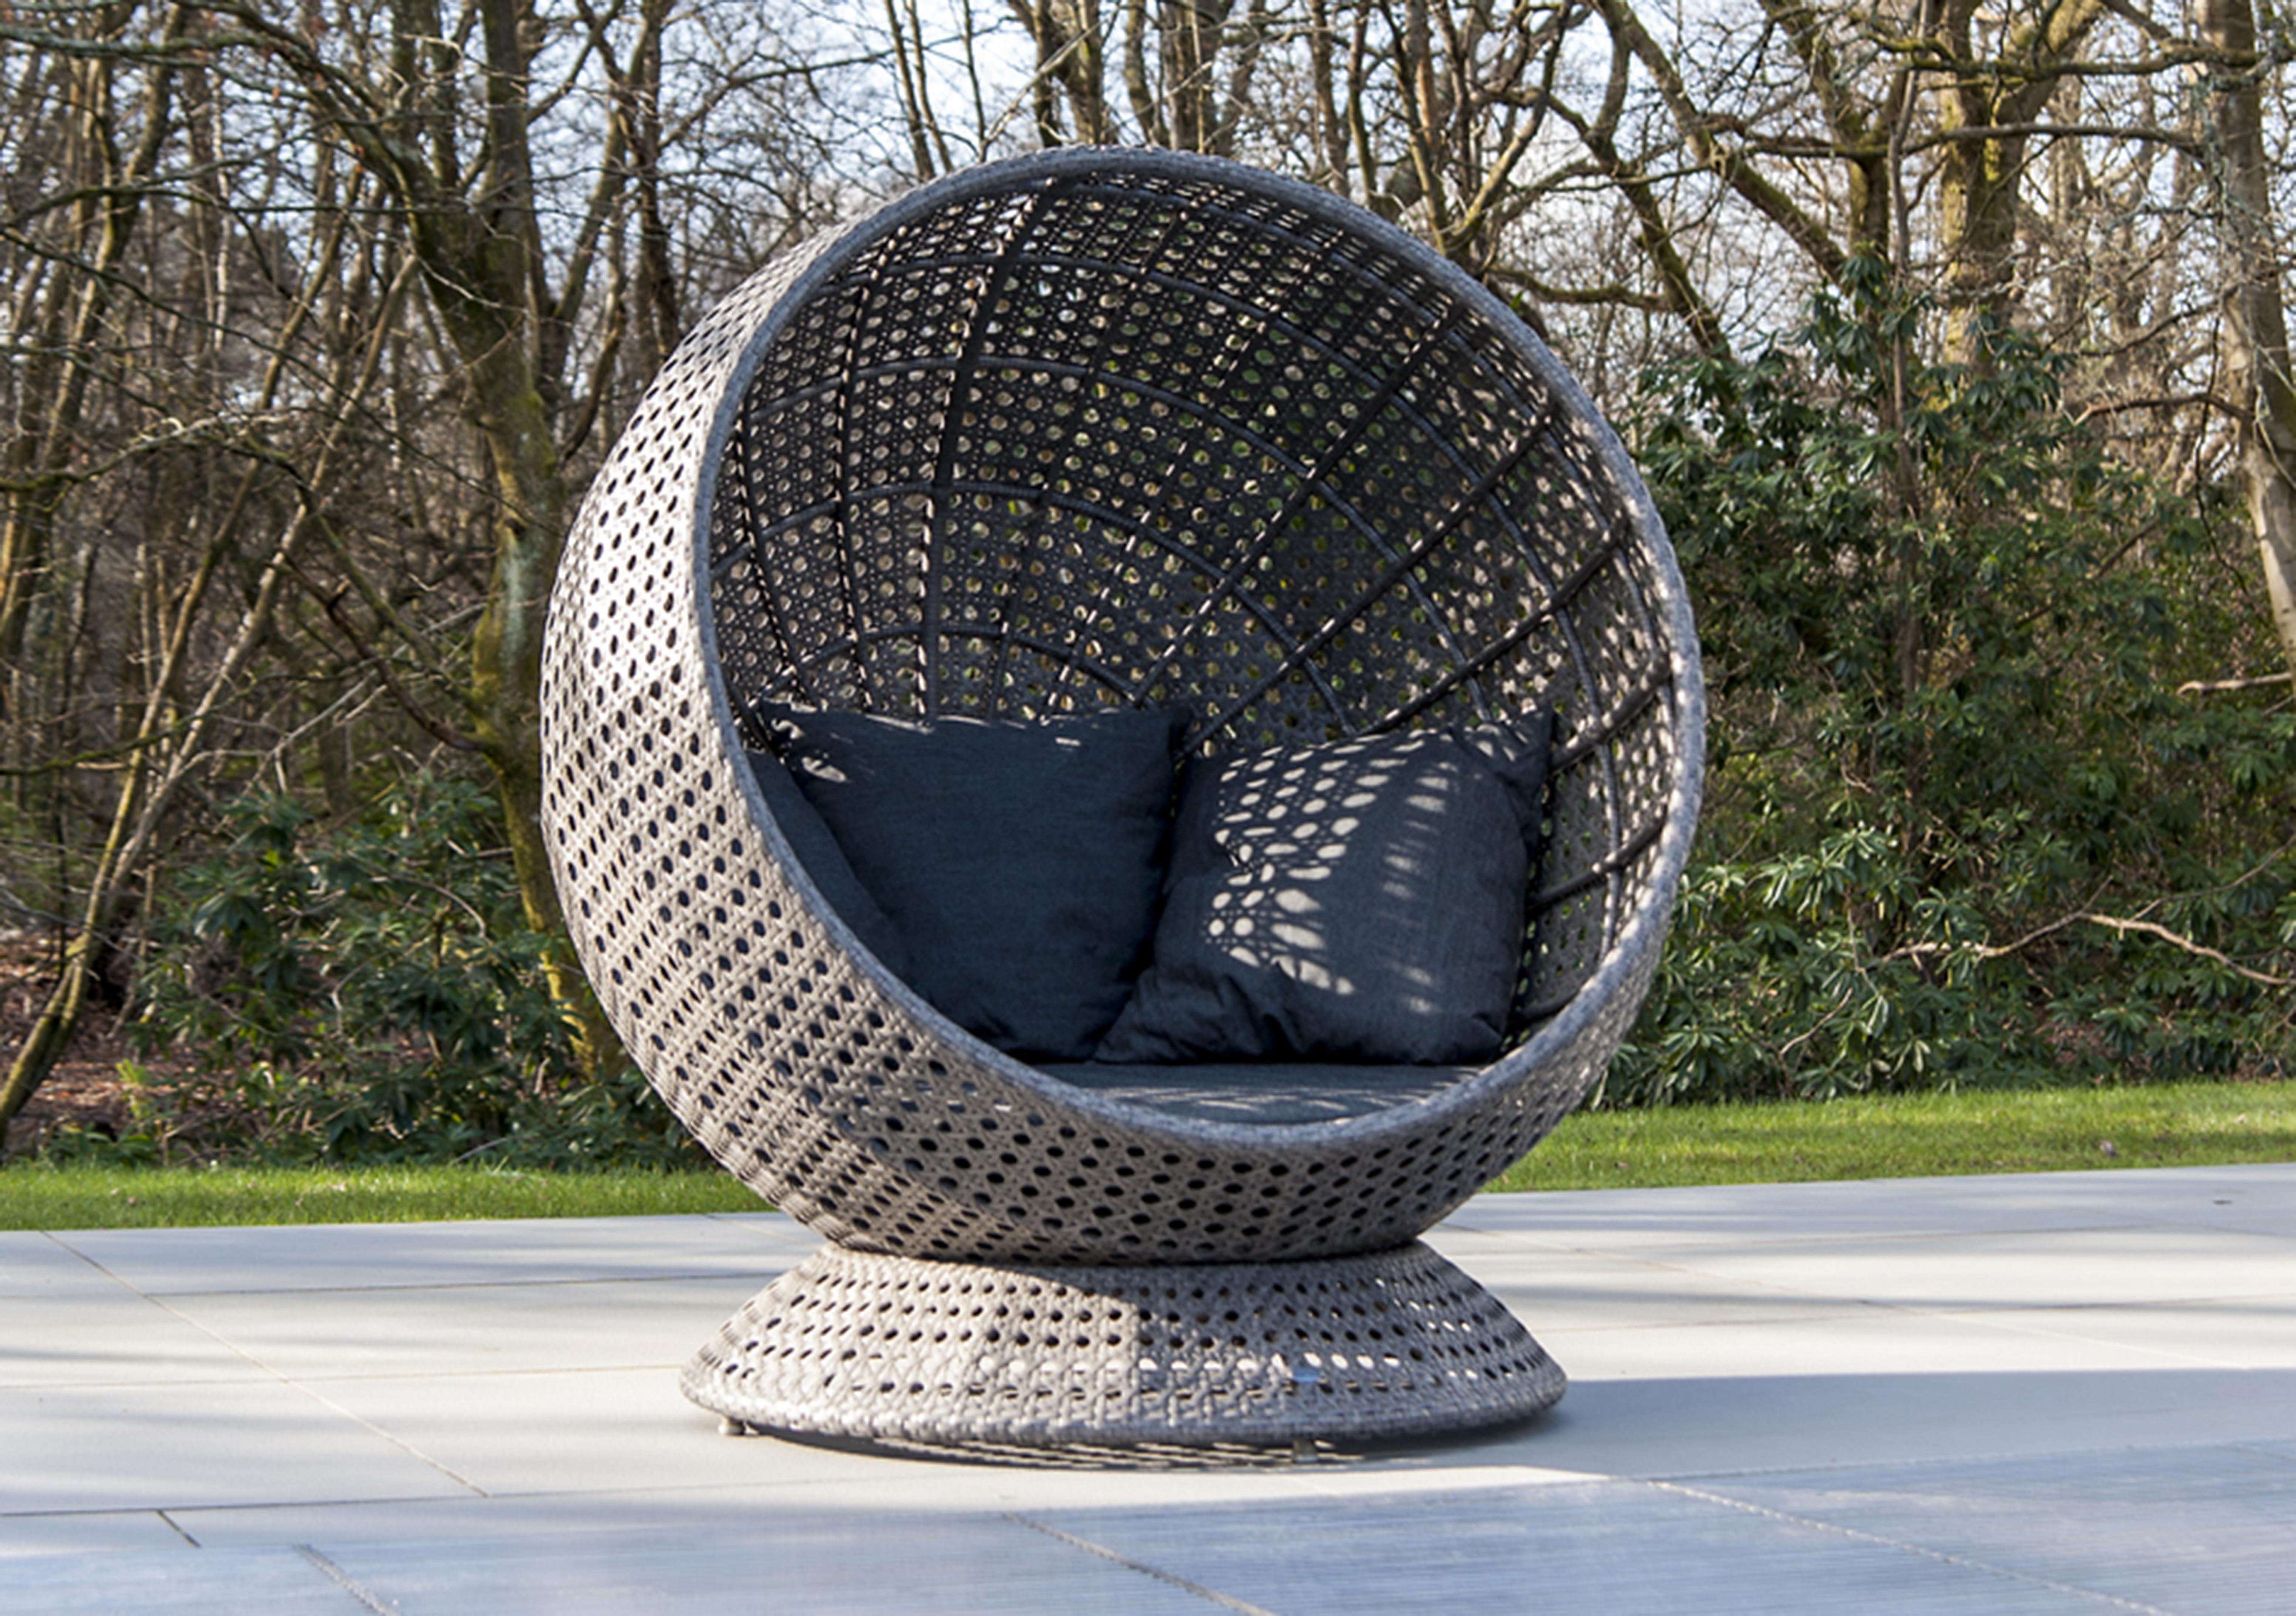 beautiful furniture village garden r throughout design - Furniture Village Garden Furniture